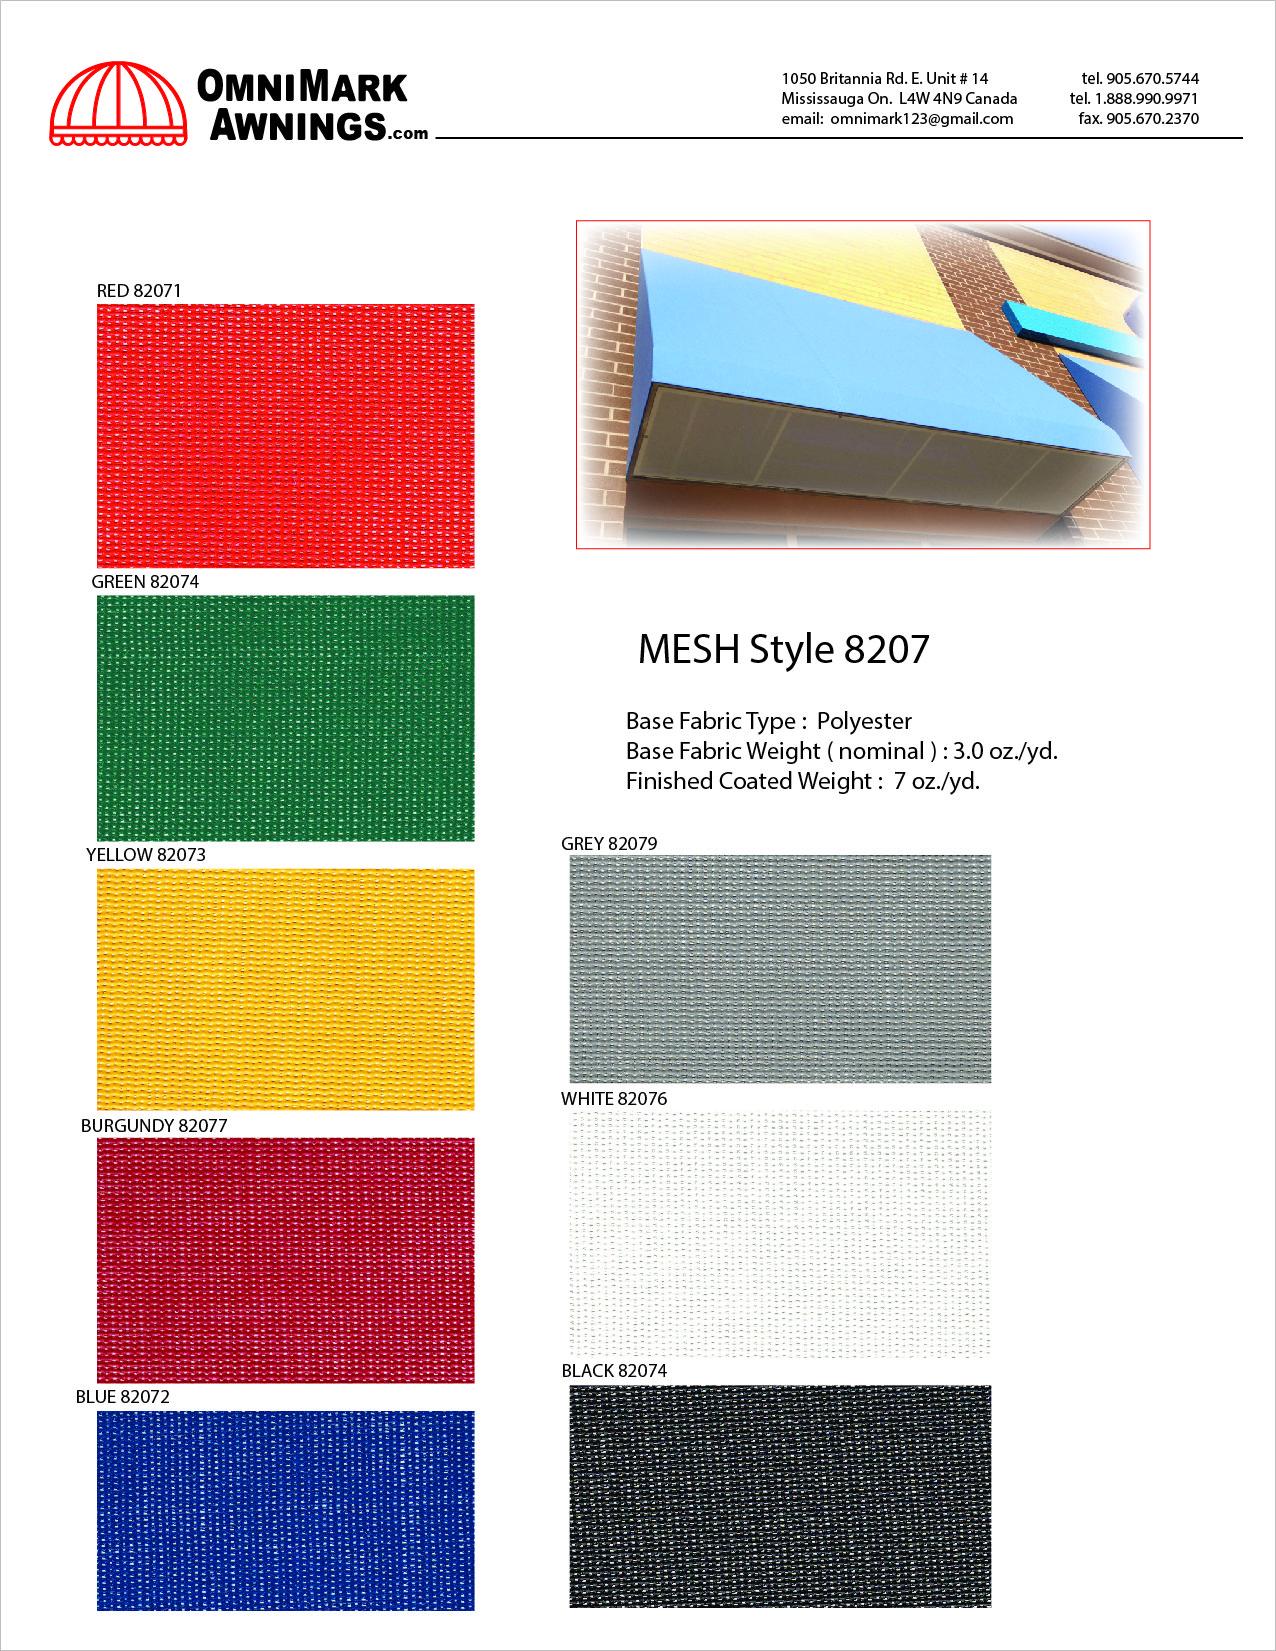 Mesh8207